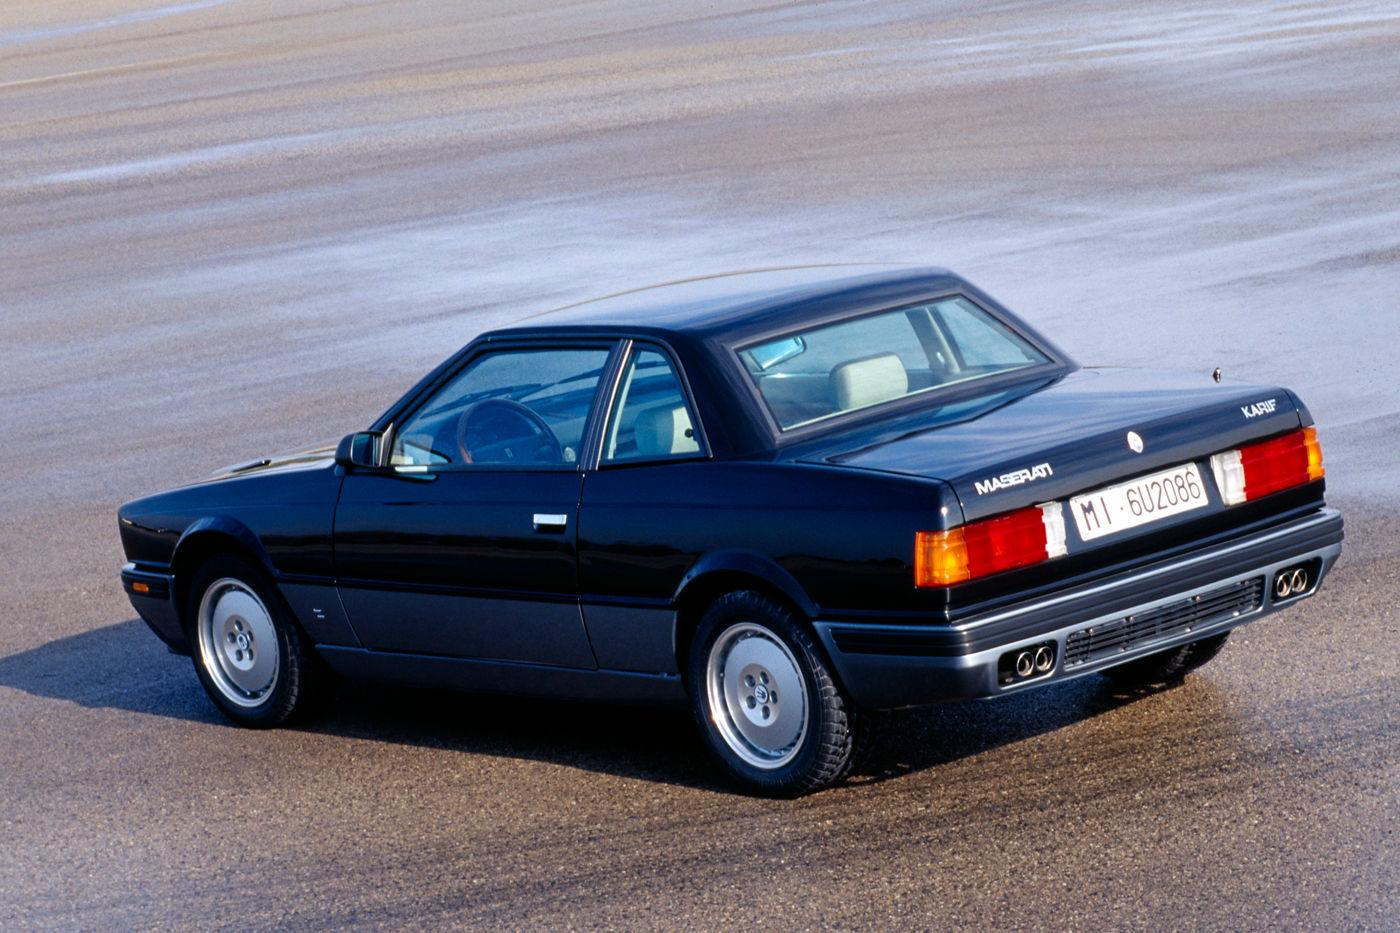 Maserati Classic - Biturbo Karif - carrosserie noire - vue latérale postérieure